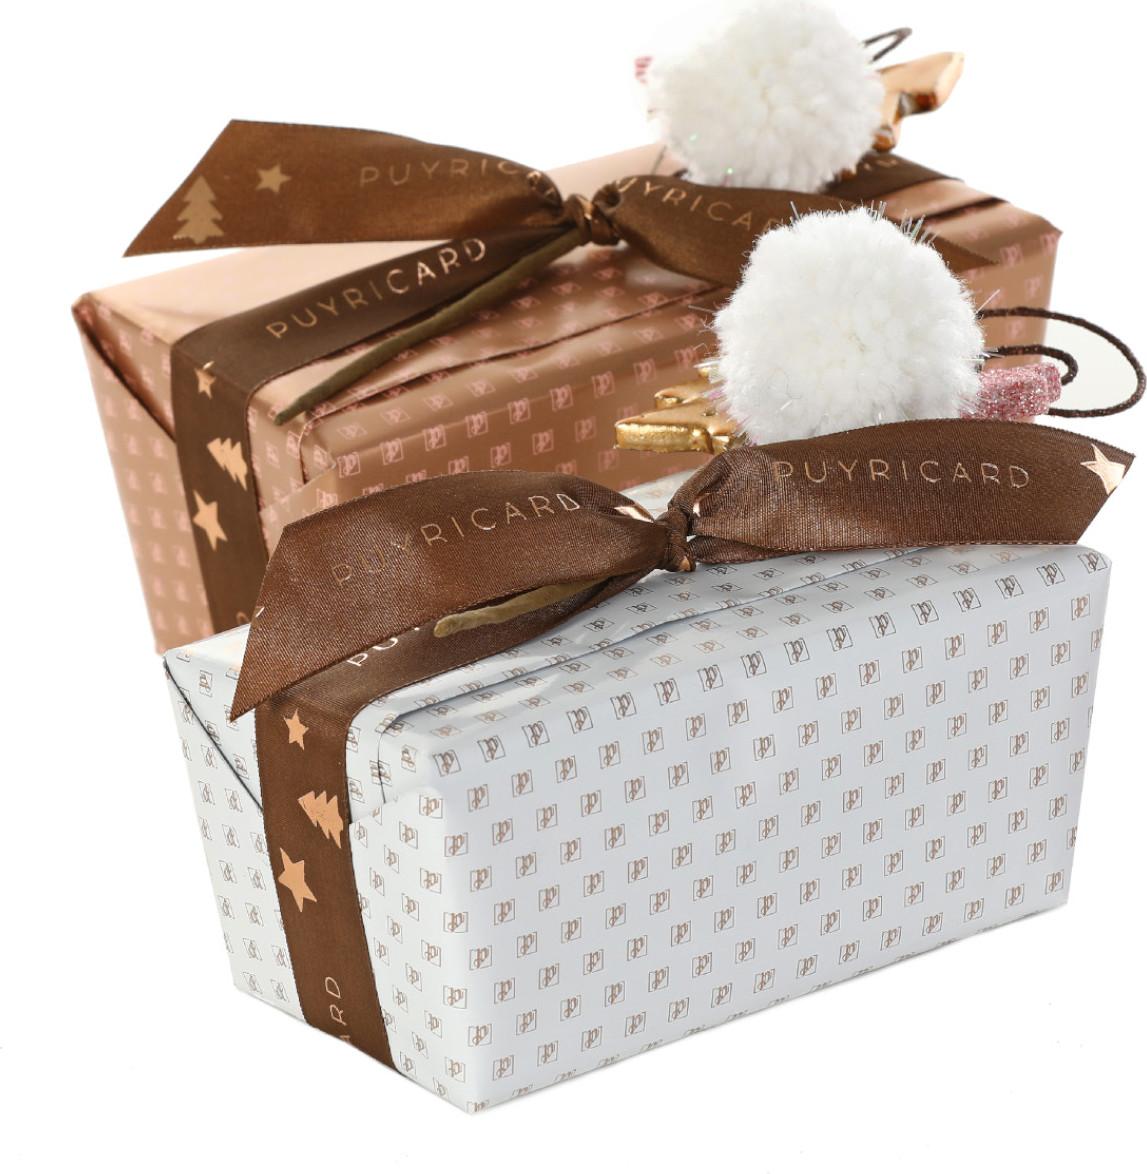 sachet de friture chocolat p ques 200g chocolaterie de puyricard. Black Bedroom Furniture Sets. Home Design Ideas